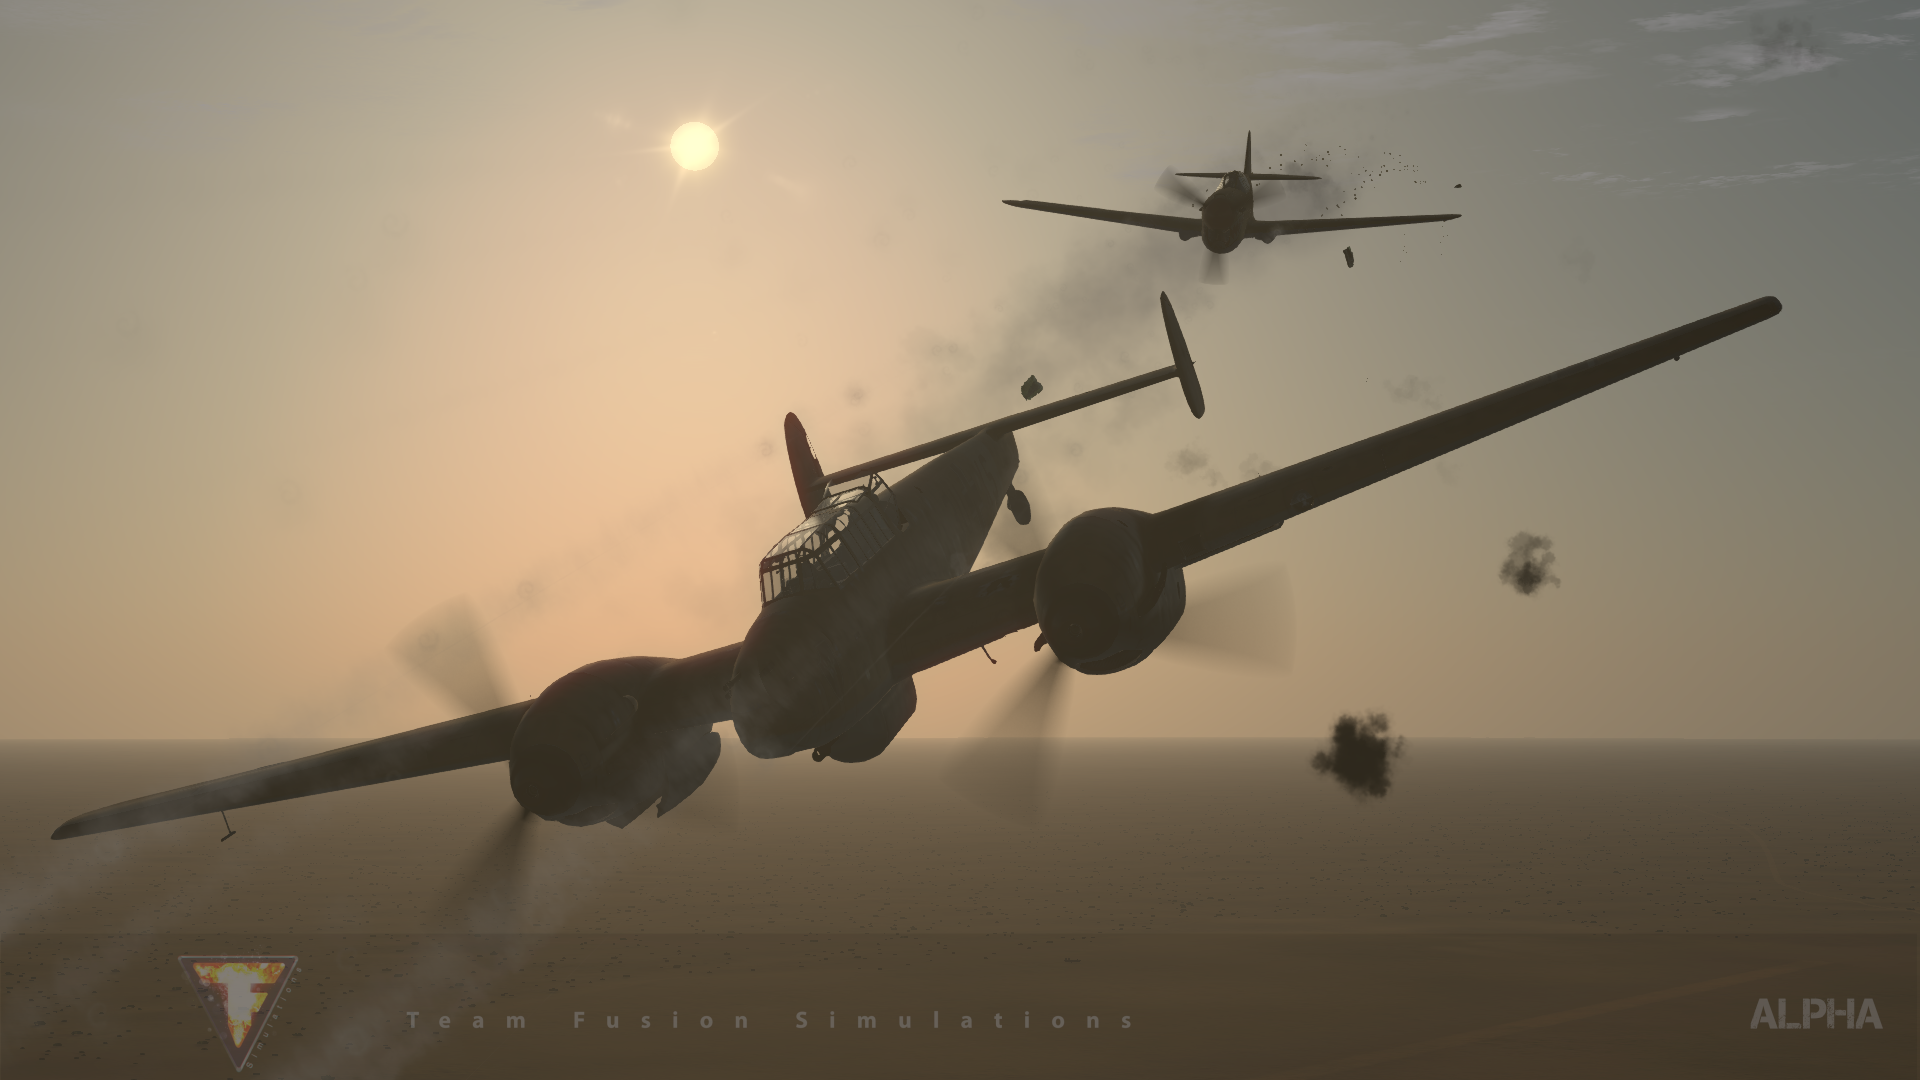 i.ibb.co/y41z9zg/Kittyhawk-v-Bf-110.png